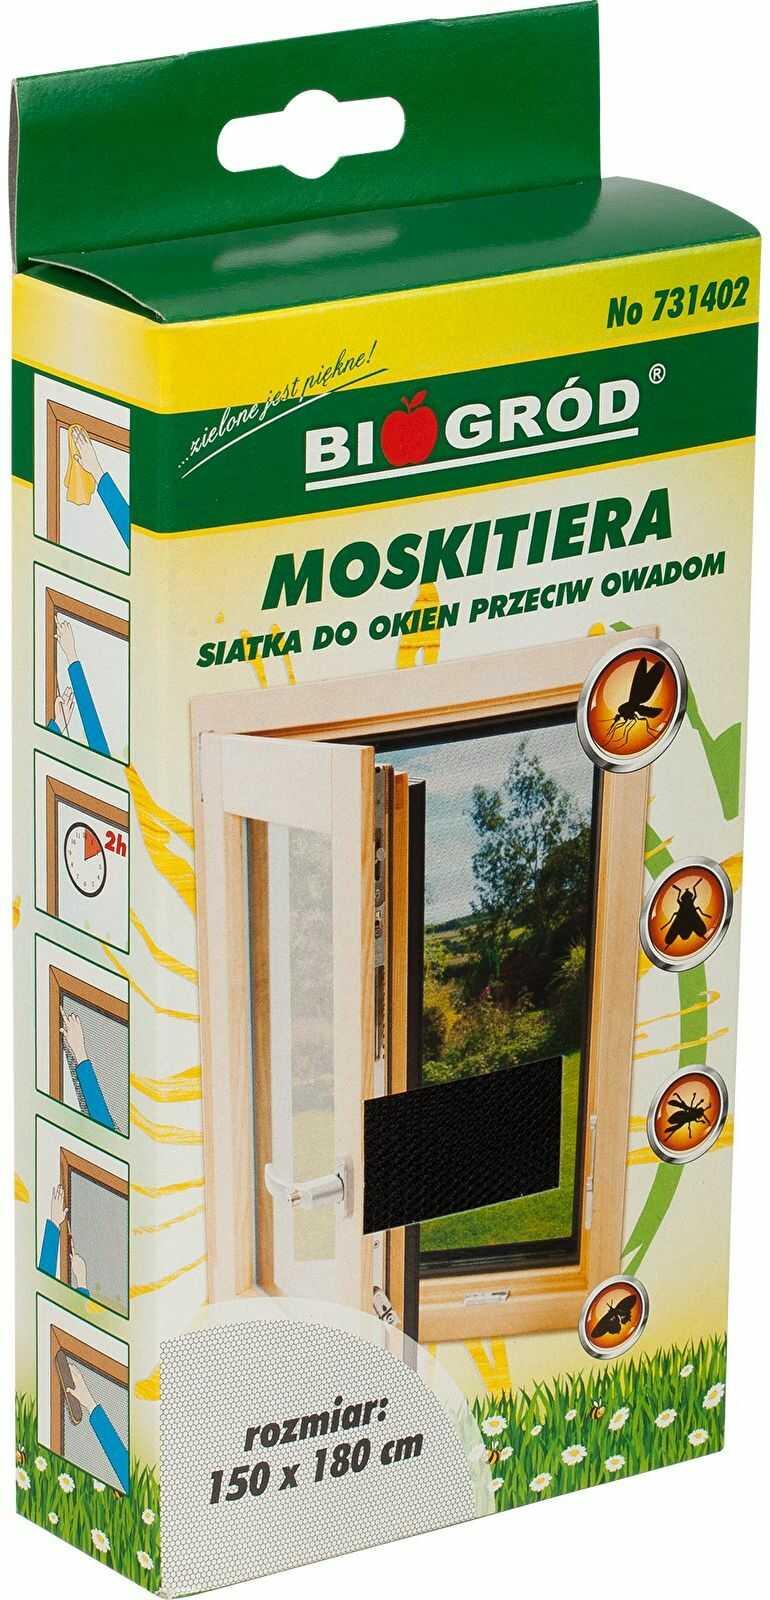 Moskitiera-siatka do okien przeciw owadom1,5x1,8m